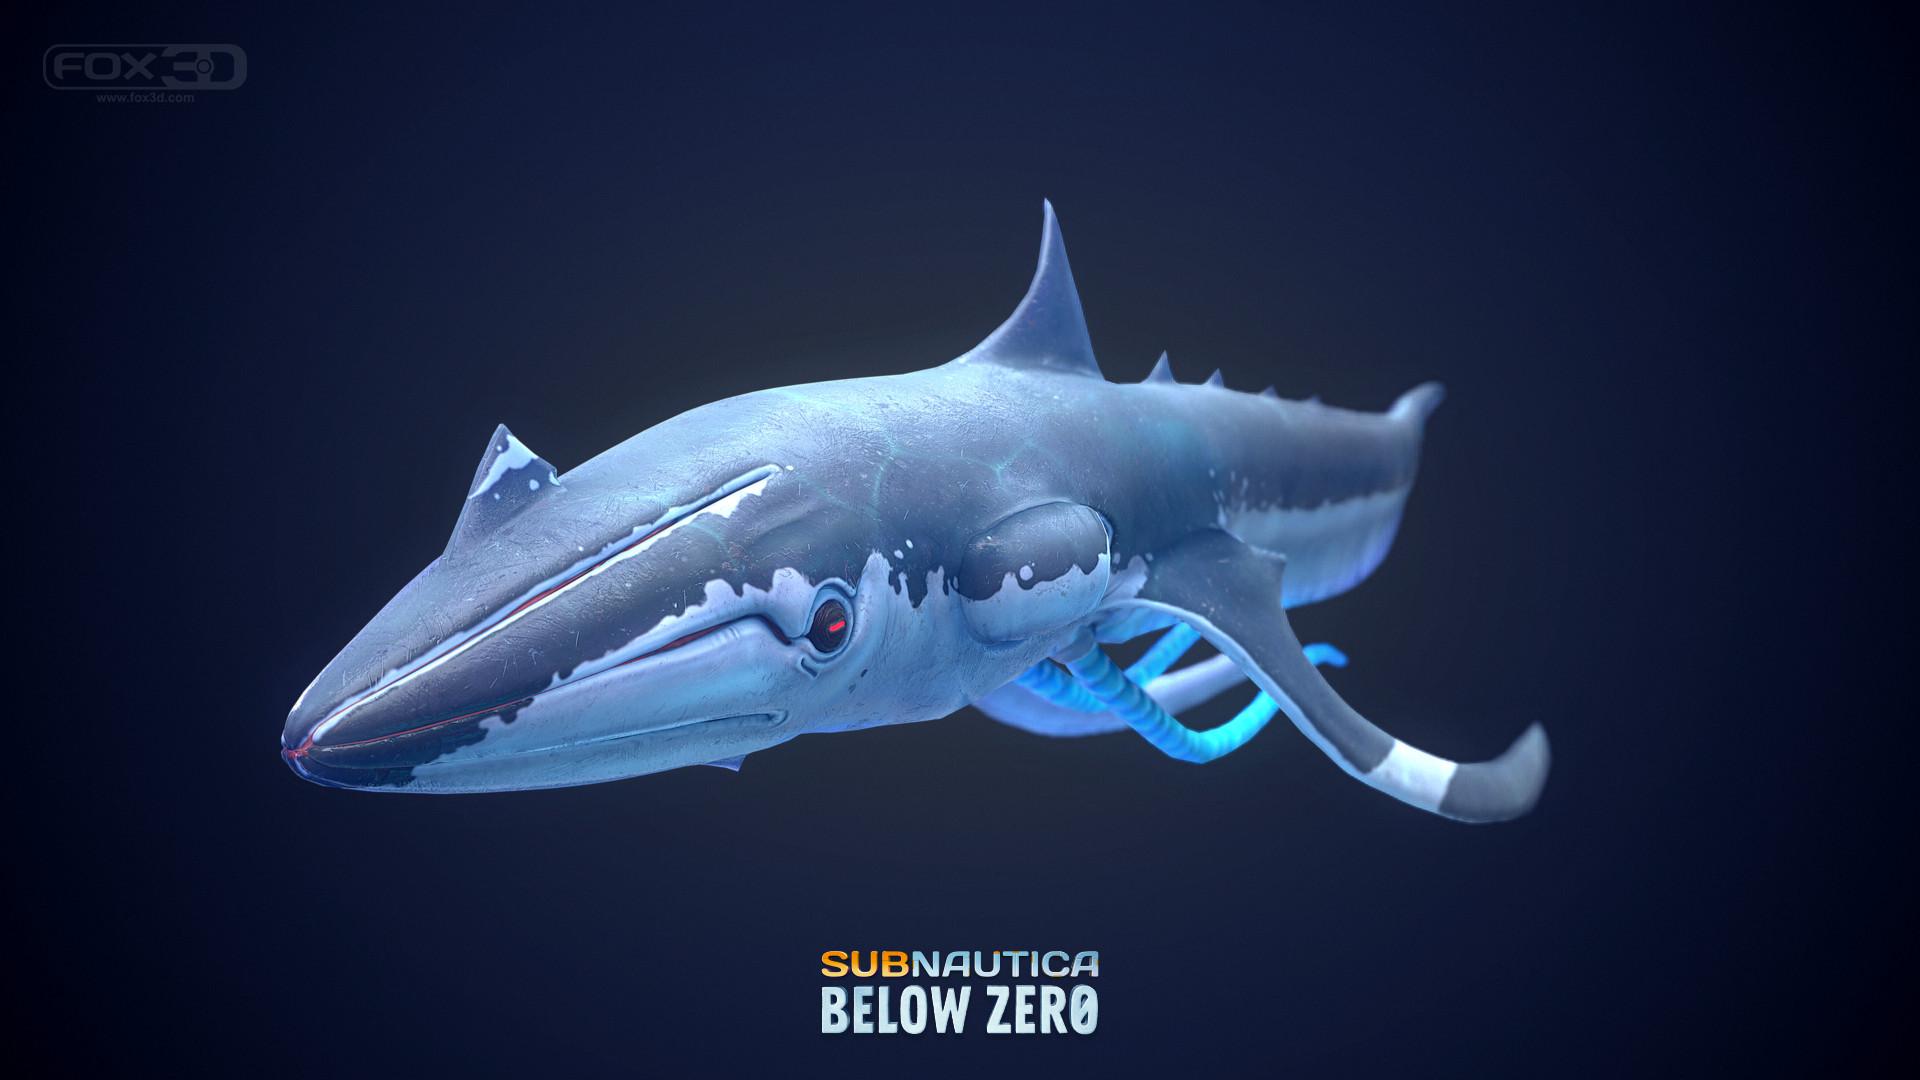 Subnautica Sub Zero Concept Art